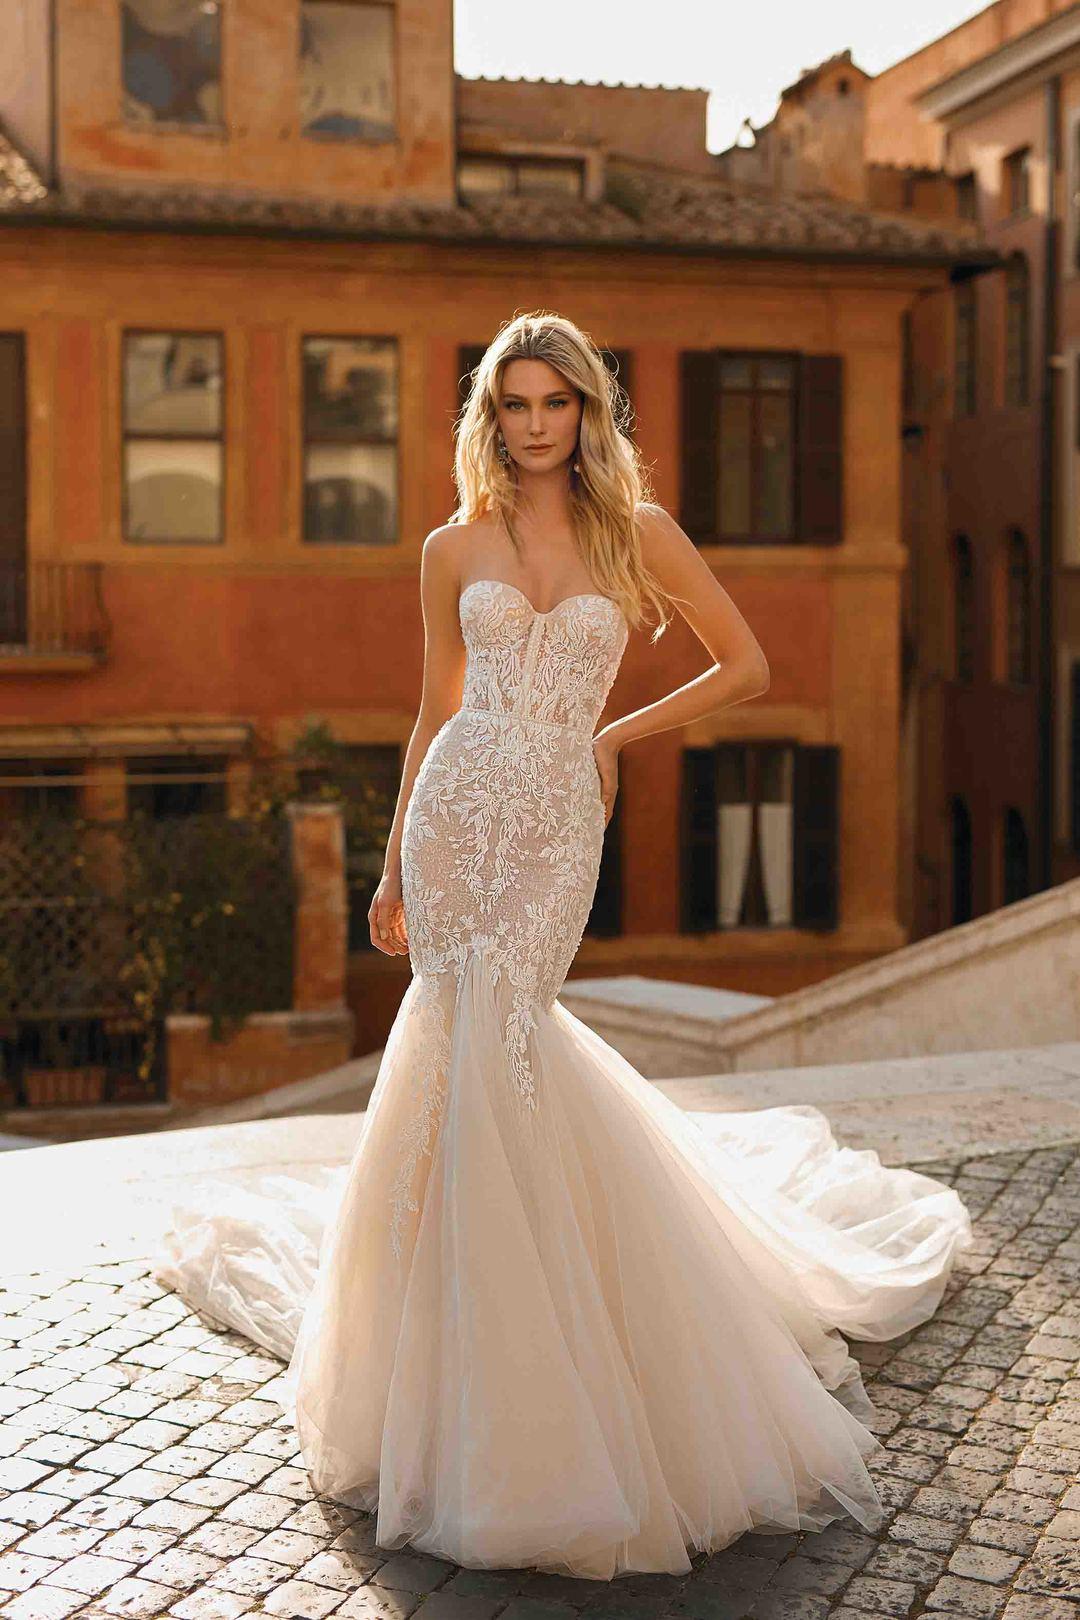 style 20 p0-01 dress photo